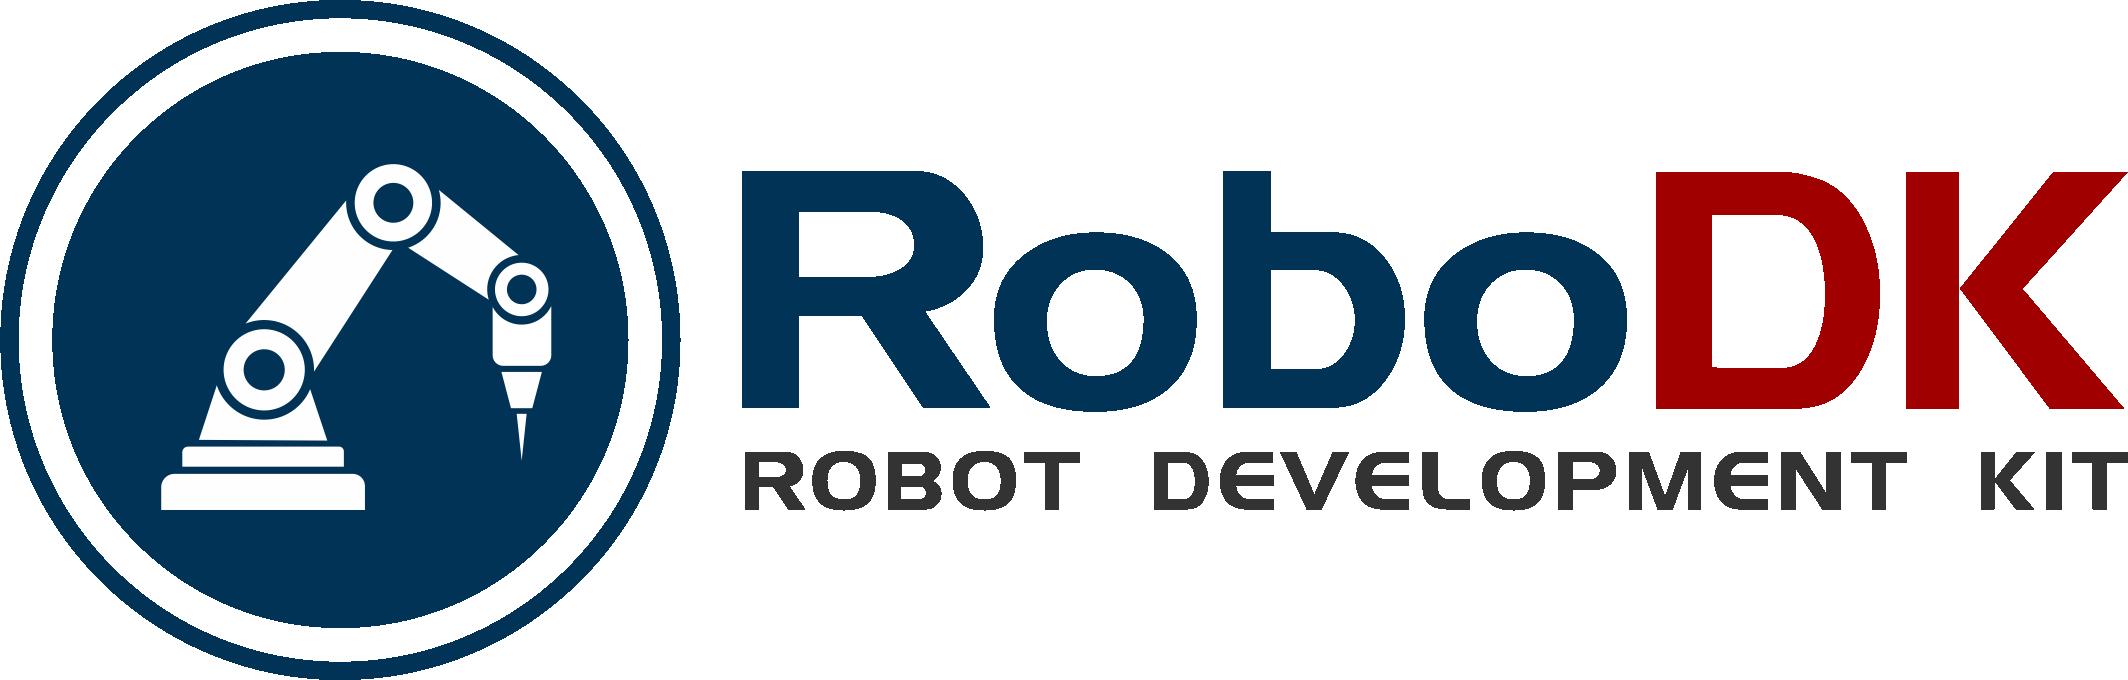 robodk-png.png